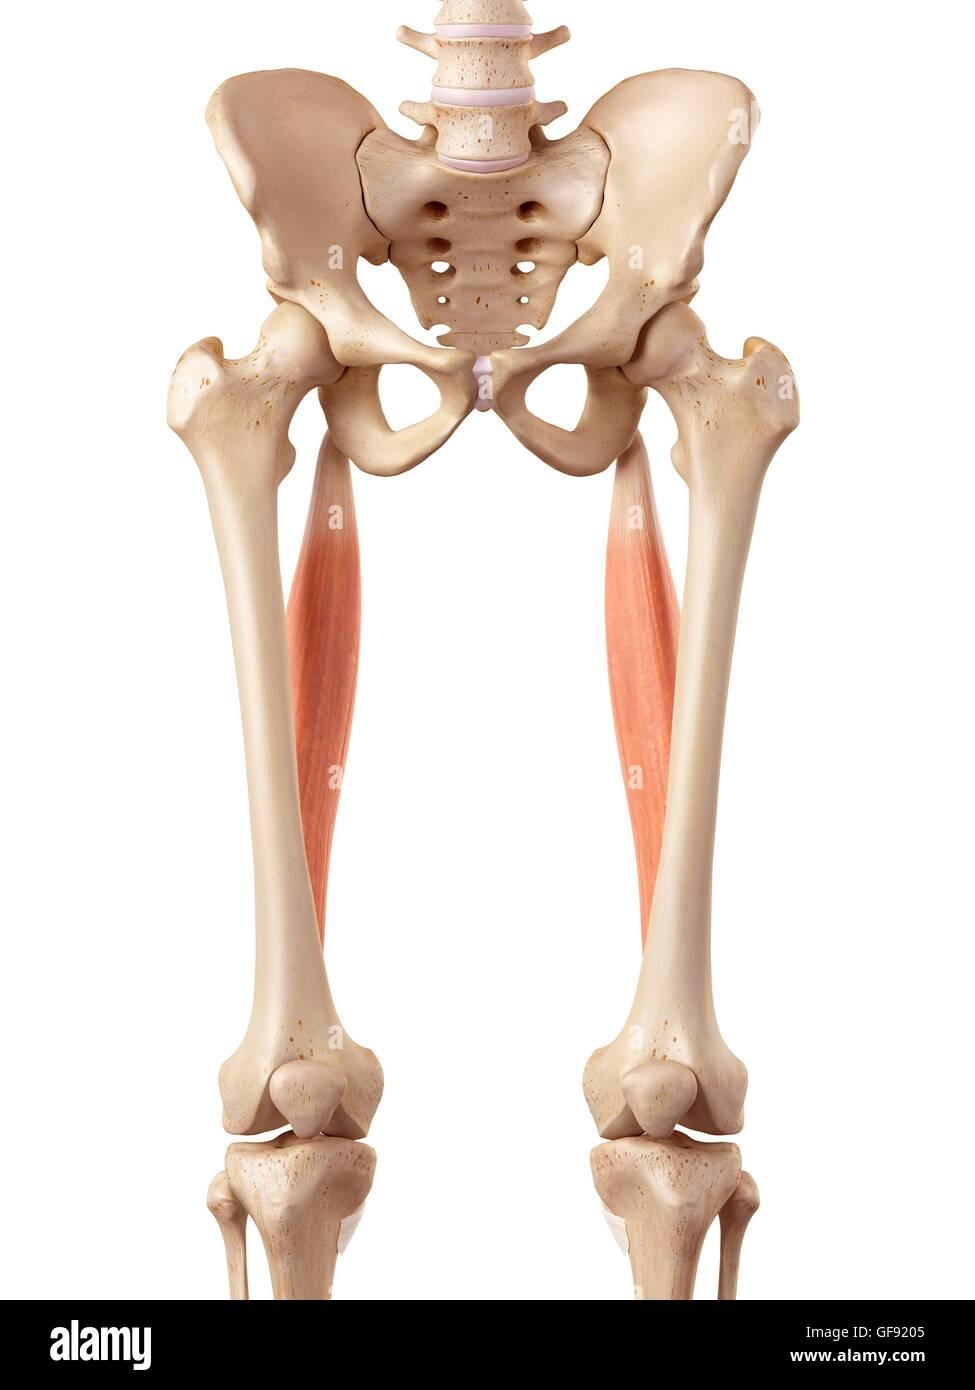 Charmant Beinmuskelanatomie Abbildungen Fotos - Anatomie Von ...